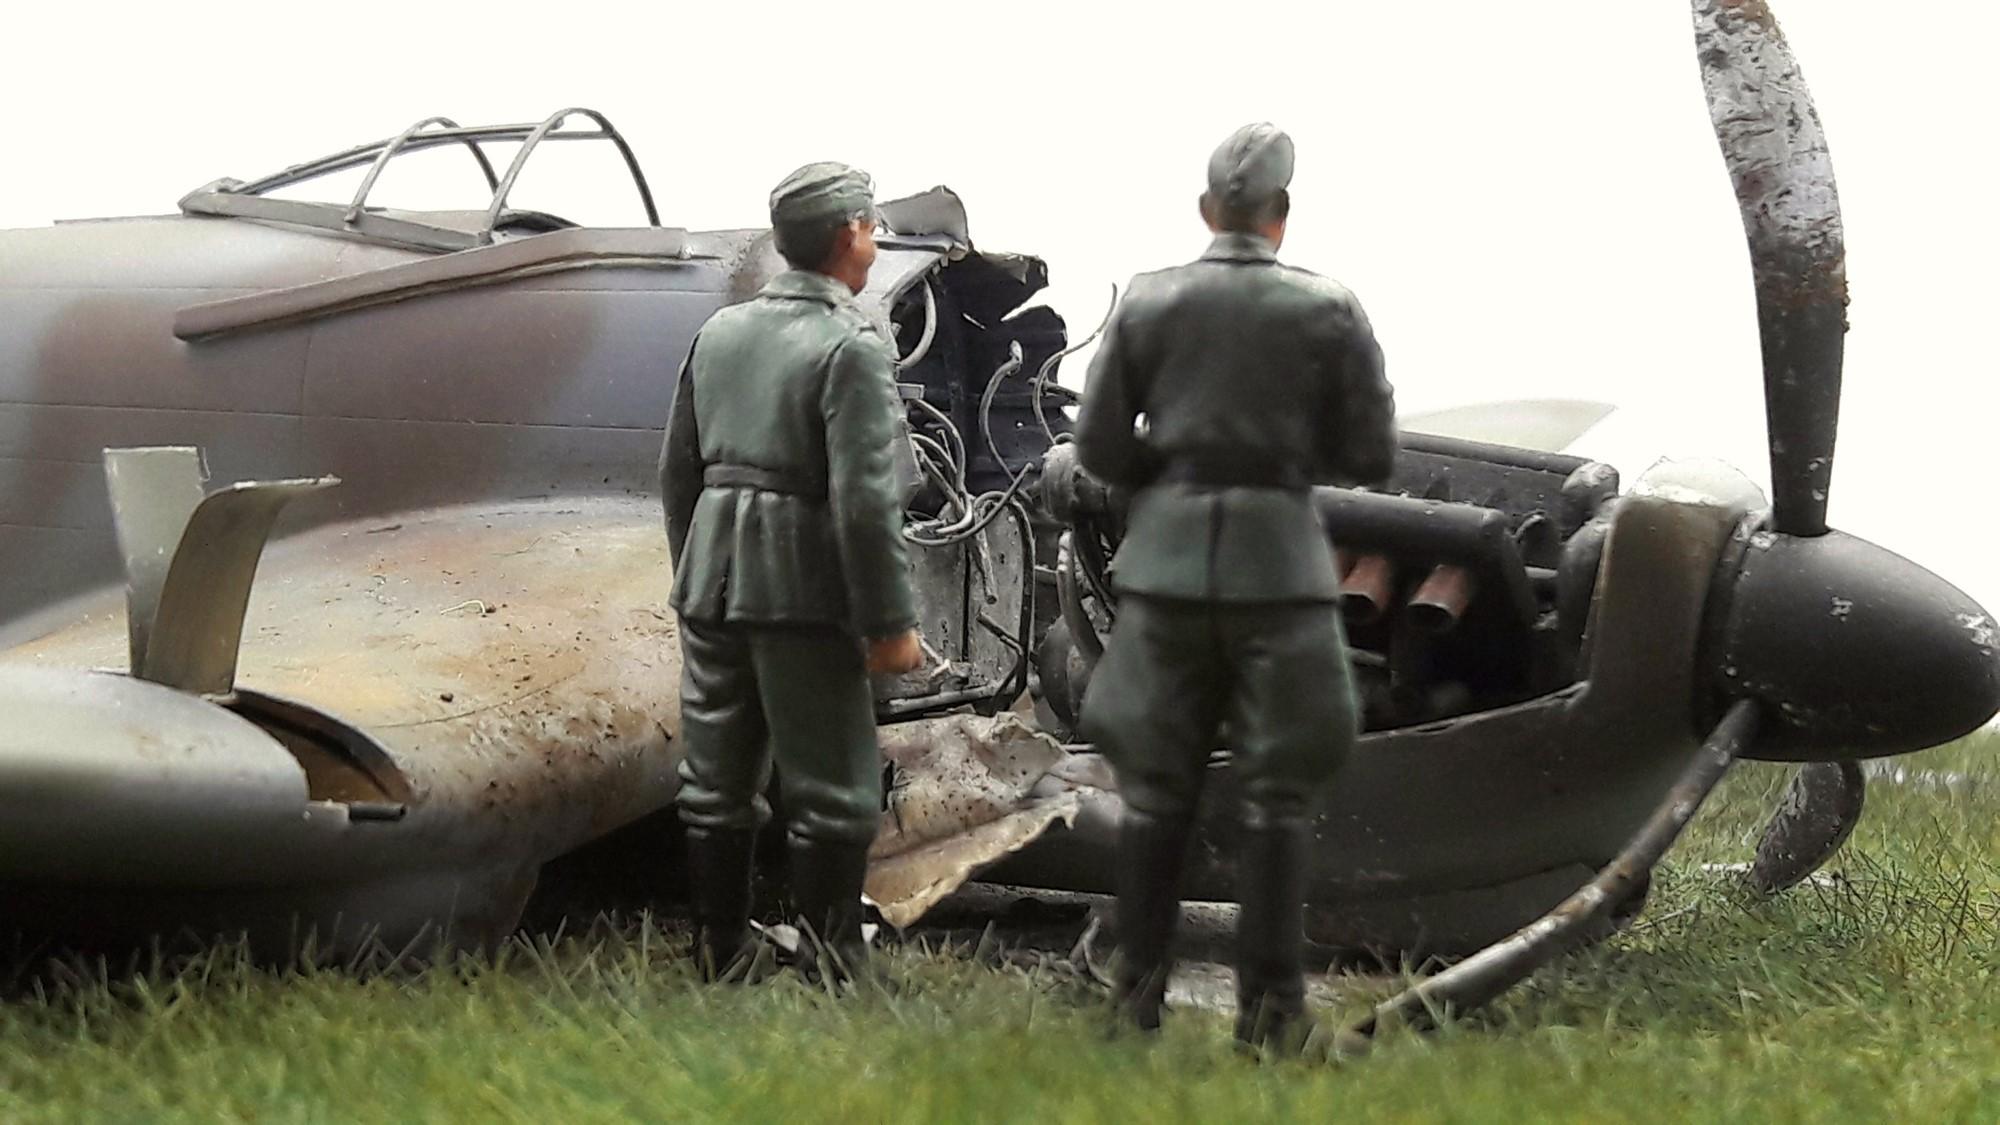 [Concours Aéronavale] Loire Nieuport 401/411 -  Special hobby 1/48 - crash à Villereau -le sacrifice des marins aviateurs du 19 mai 1940 - Mission Berlaimont  Image490